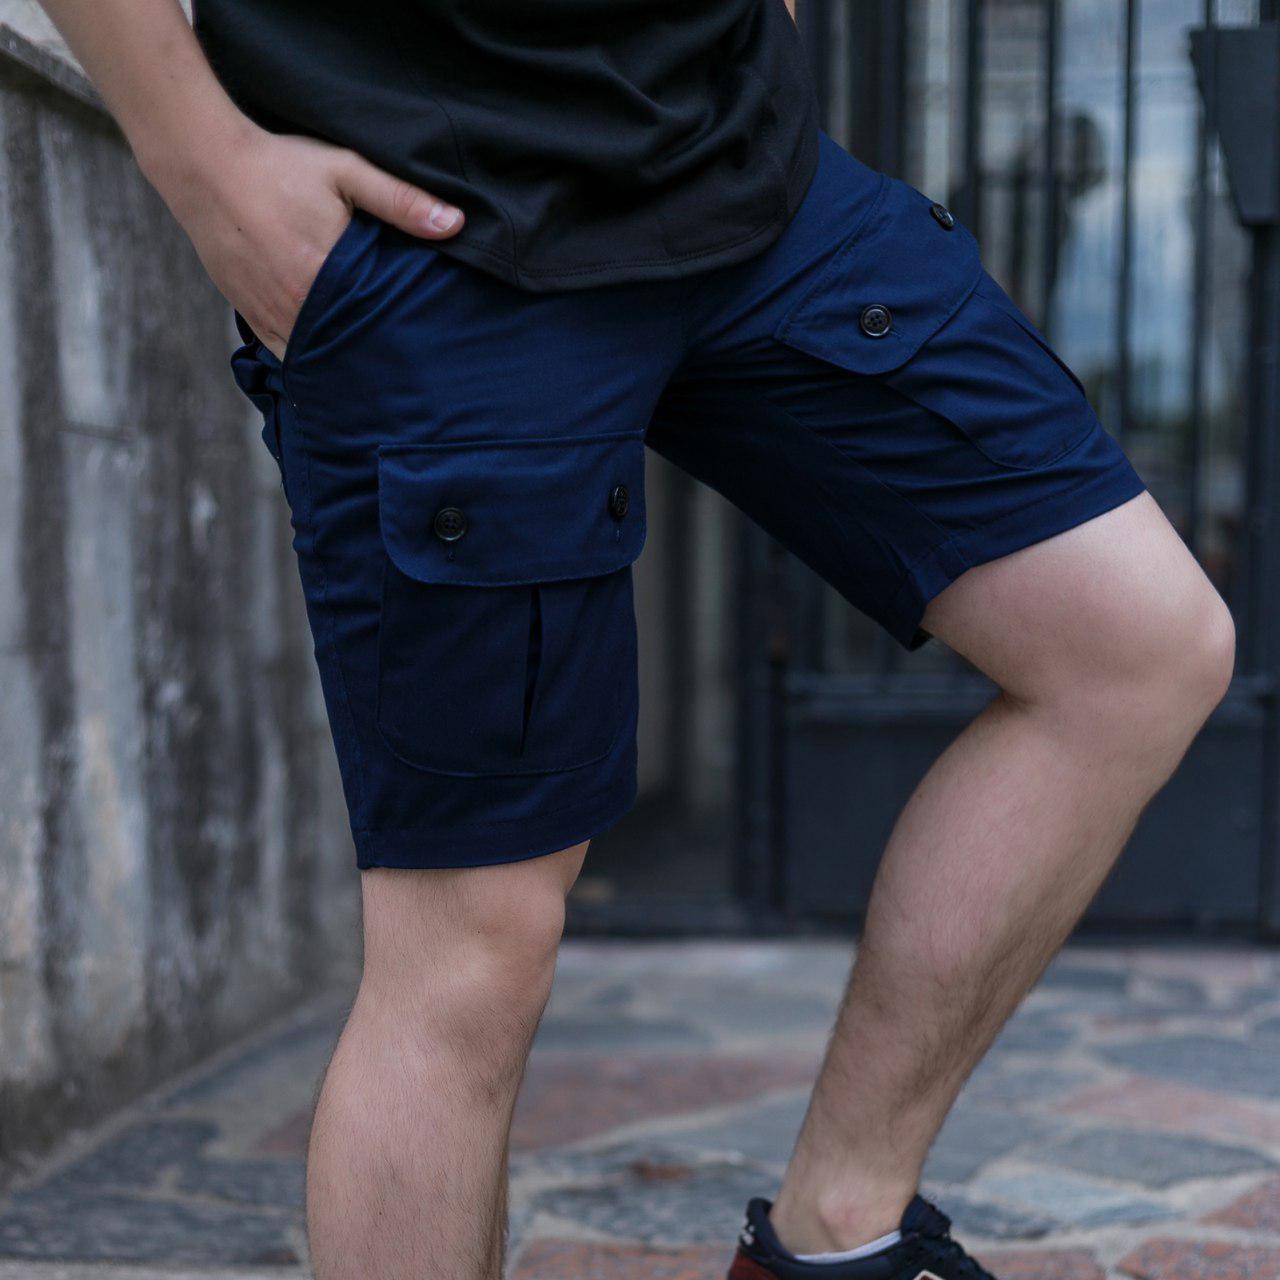 Шорти чоловічі карго темно-сині  модель Брутто (Brutto) бренд ТУР розмір S M L XL XXL